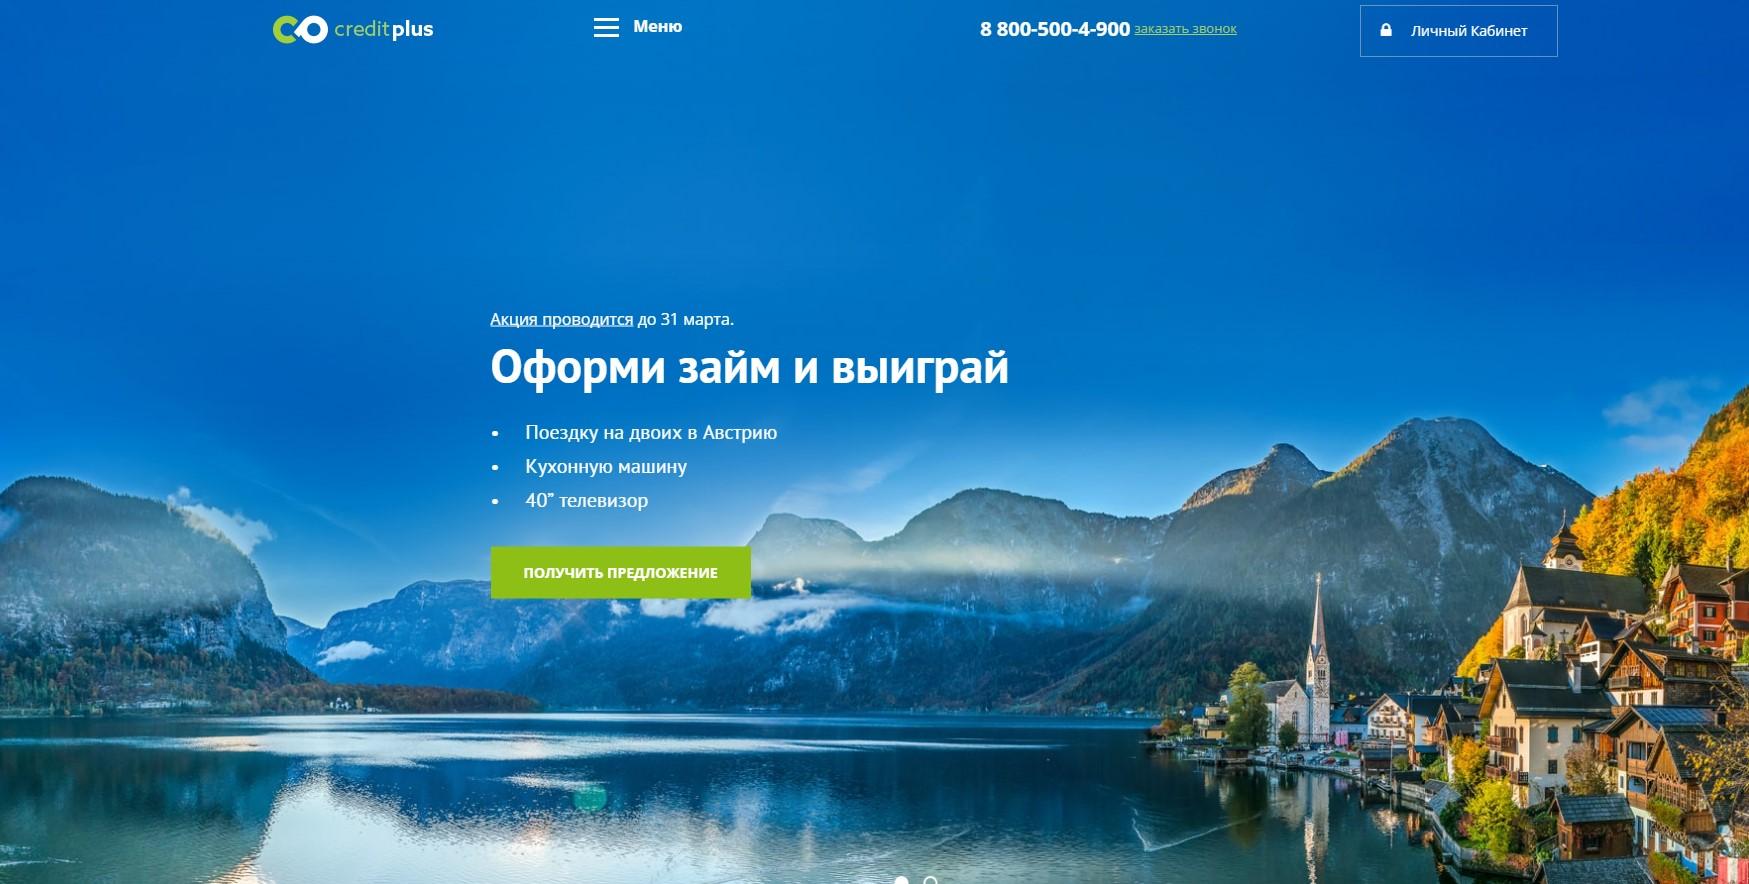 кредит plus отзывы ипотека сбербанк без первоначального взноса 2020 москва